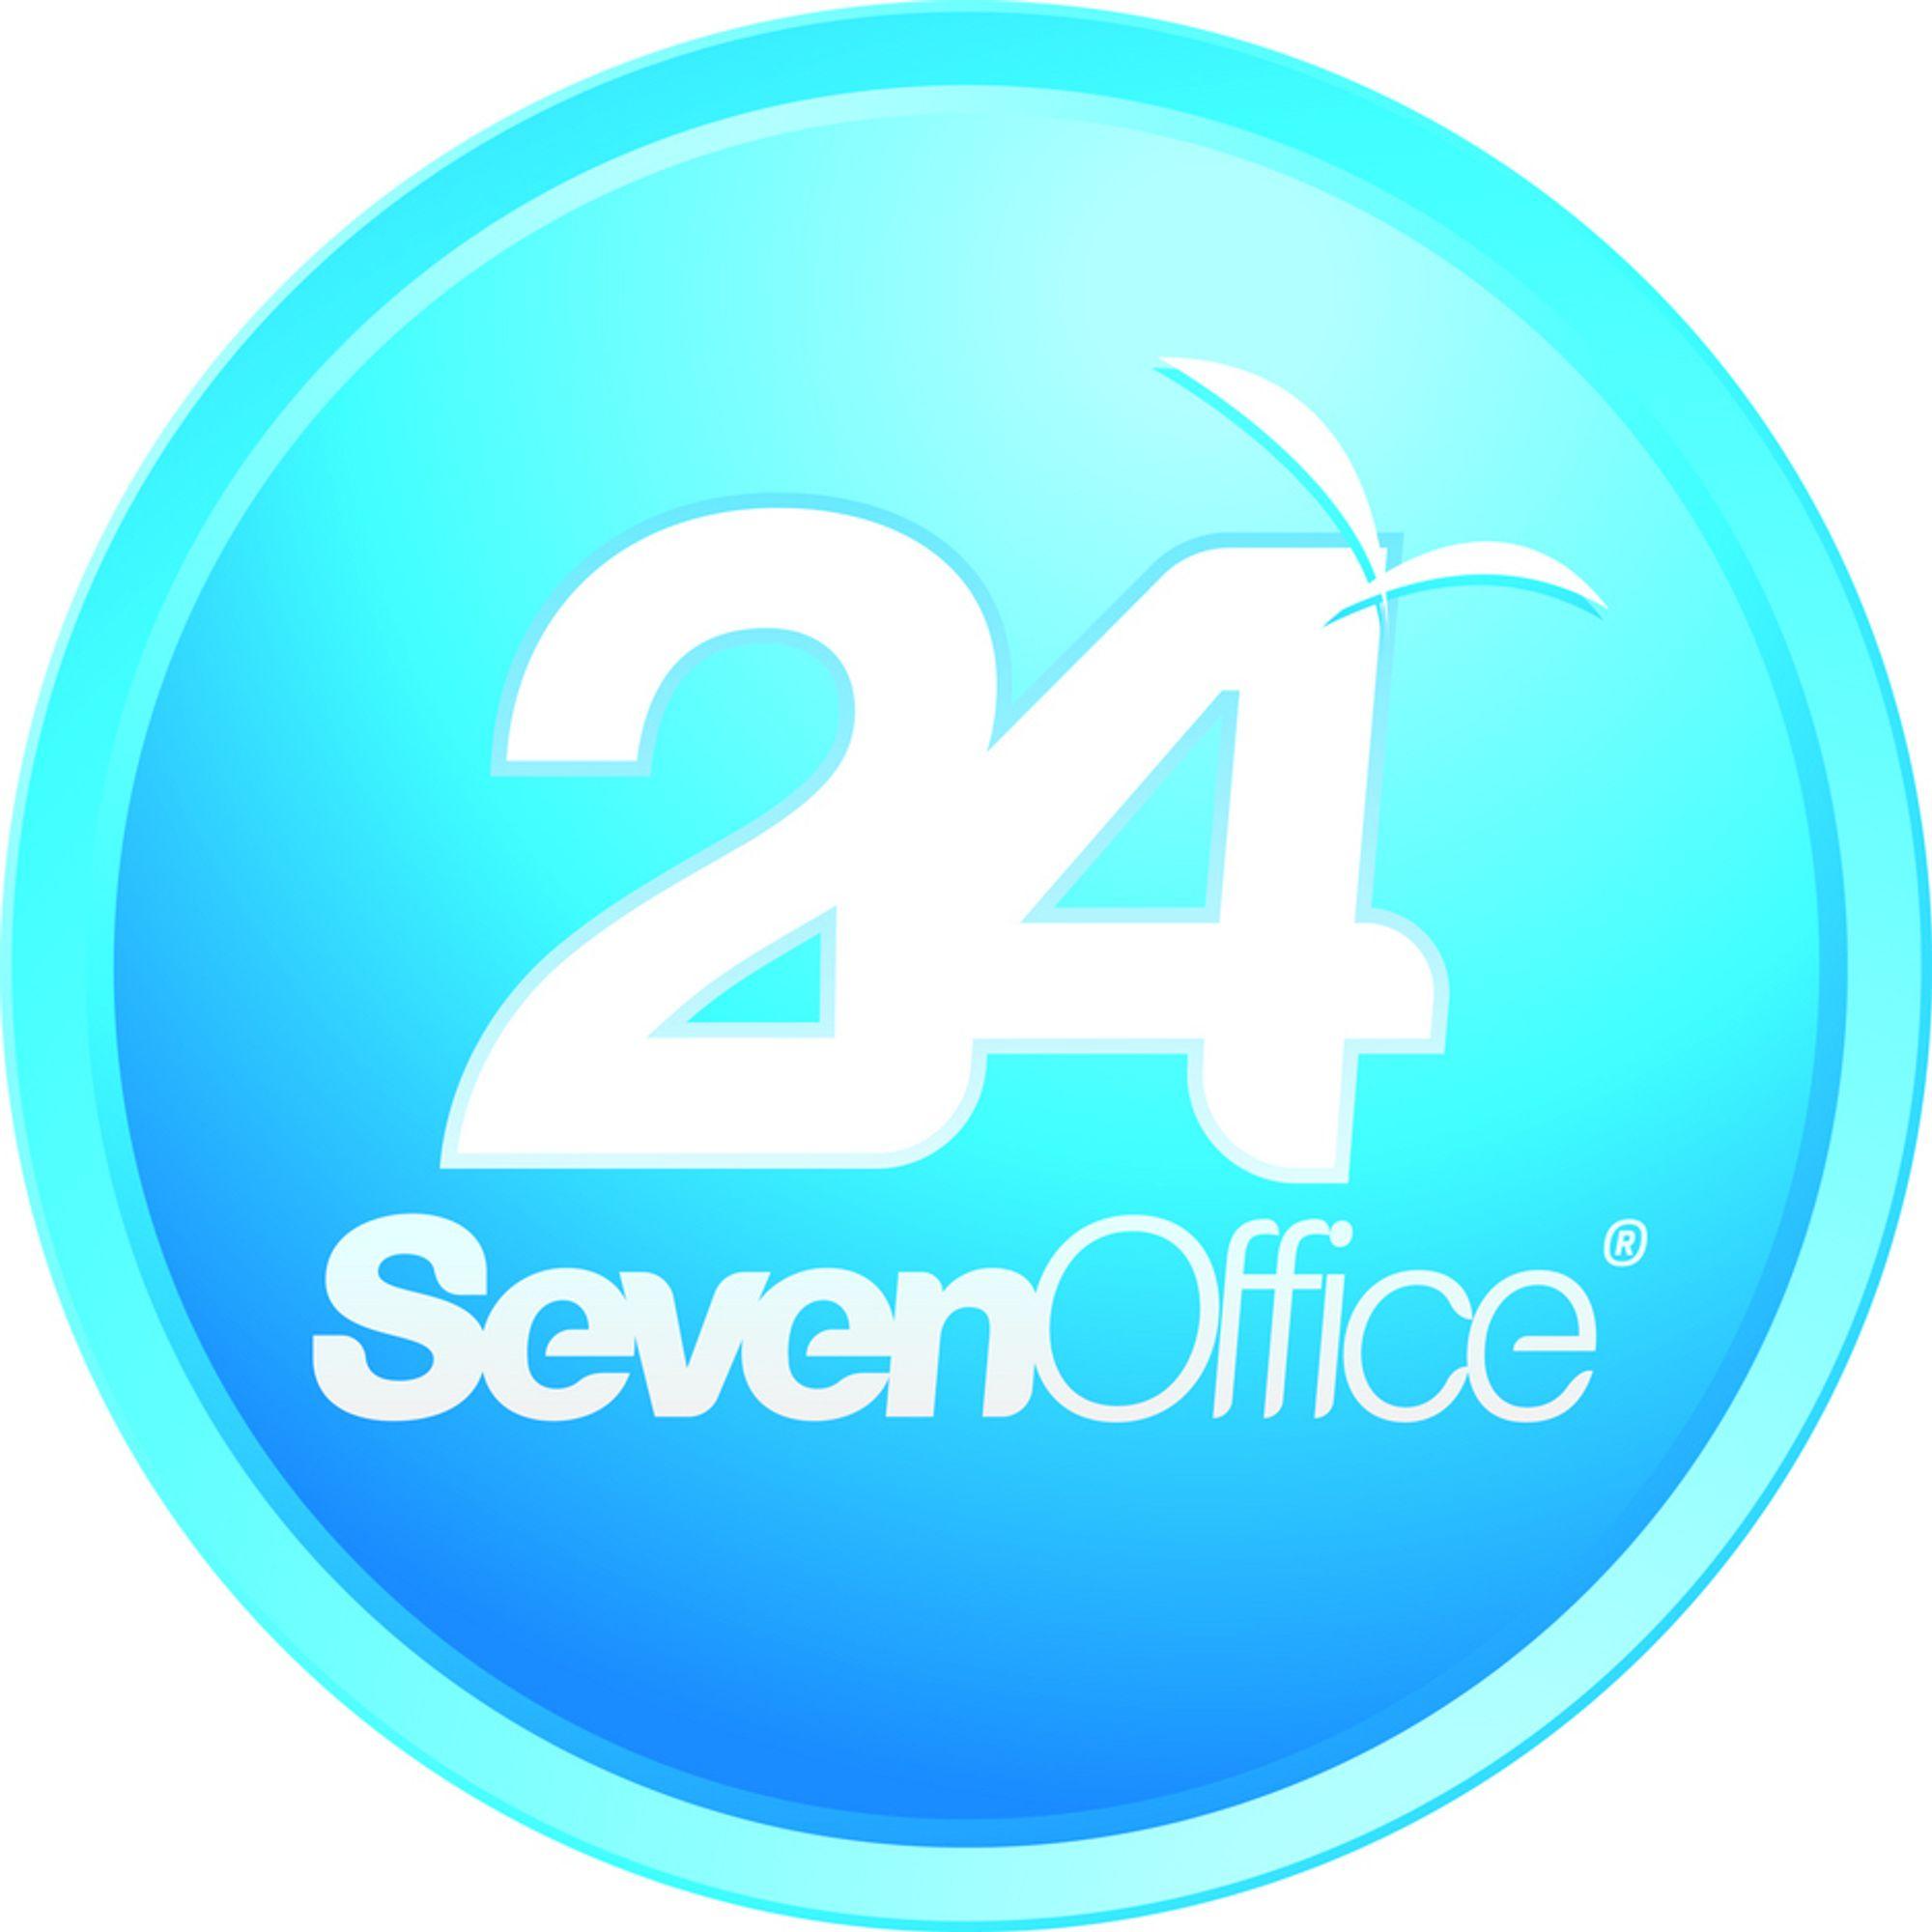 OPPTUR: Cloudselskapet 24 Seven Office varsler gode økonomiske tider etter at investeringene er gjennomført og kundemassen har bygget seg opp.